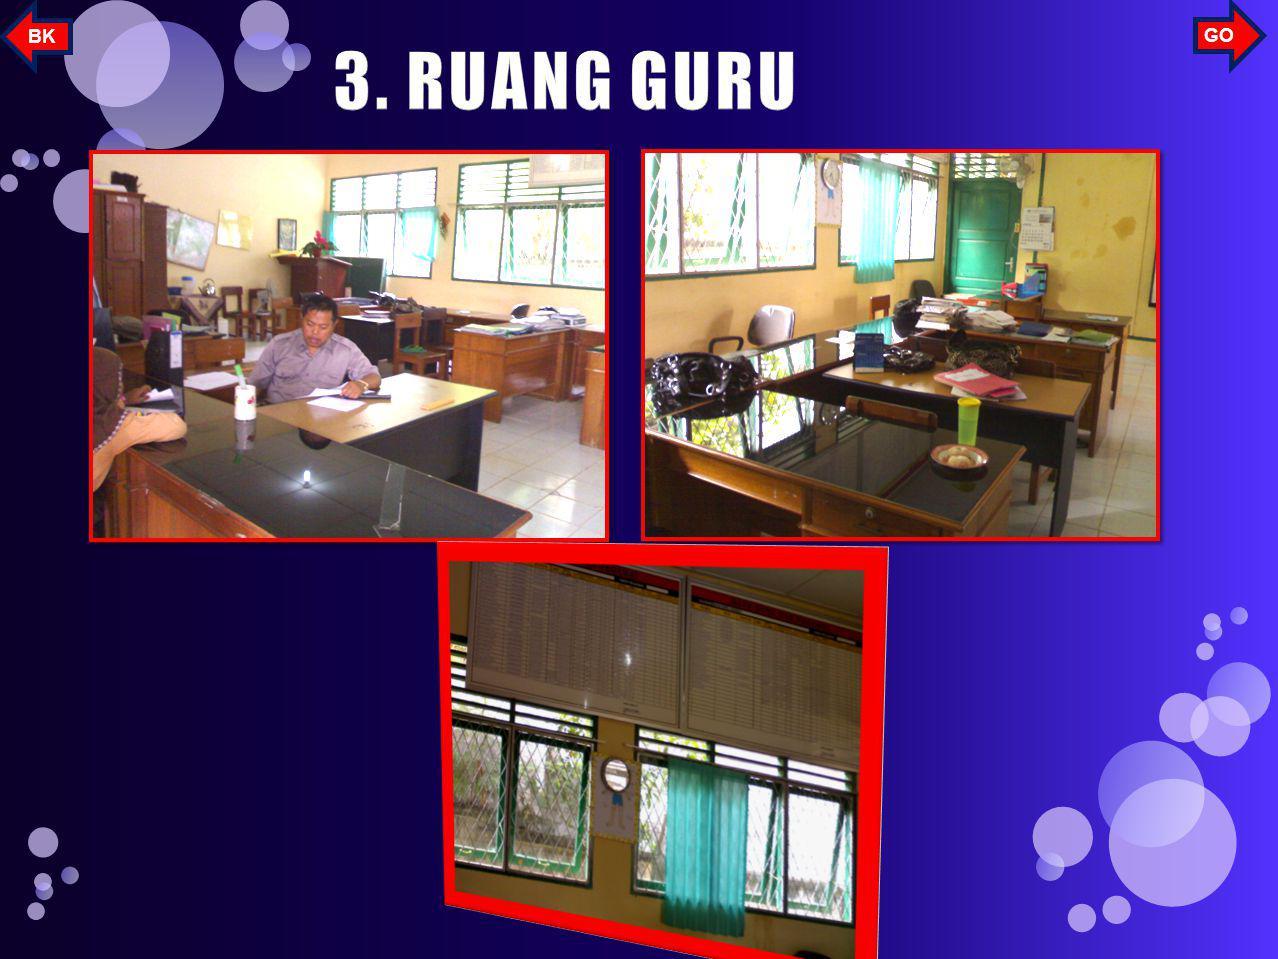 BK GO 3. RUANG GURU